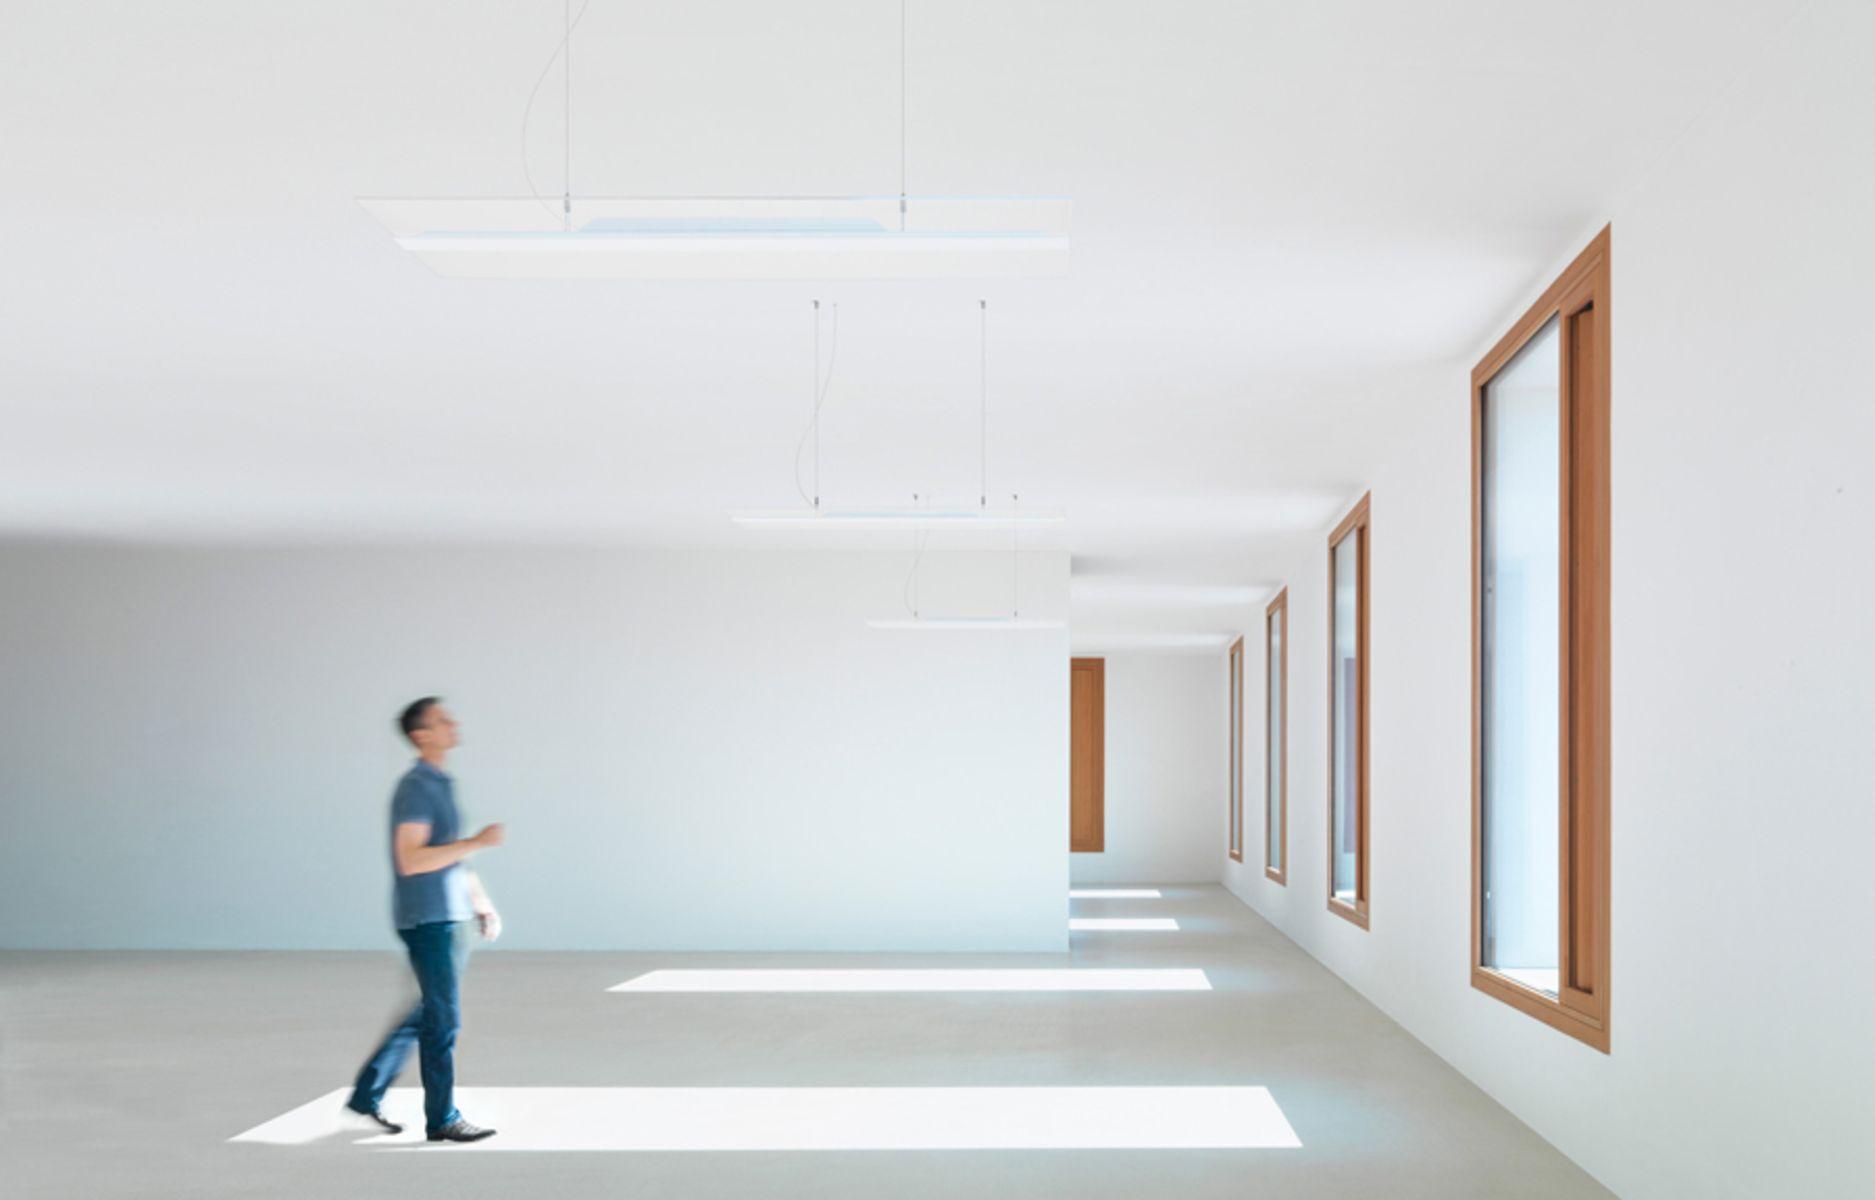 La sospensione a luce LED 'Vaero' dematerializza il corpo dell'apparecchio a favore della massima integrazione nello spazio architettonico (courtesy photo: Zumtobel)